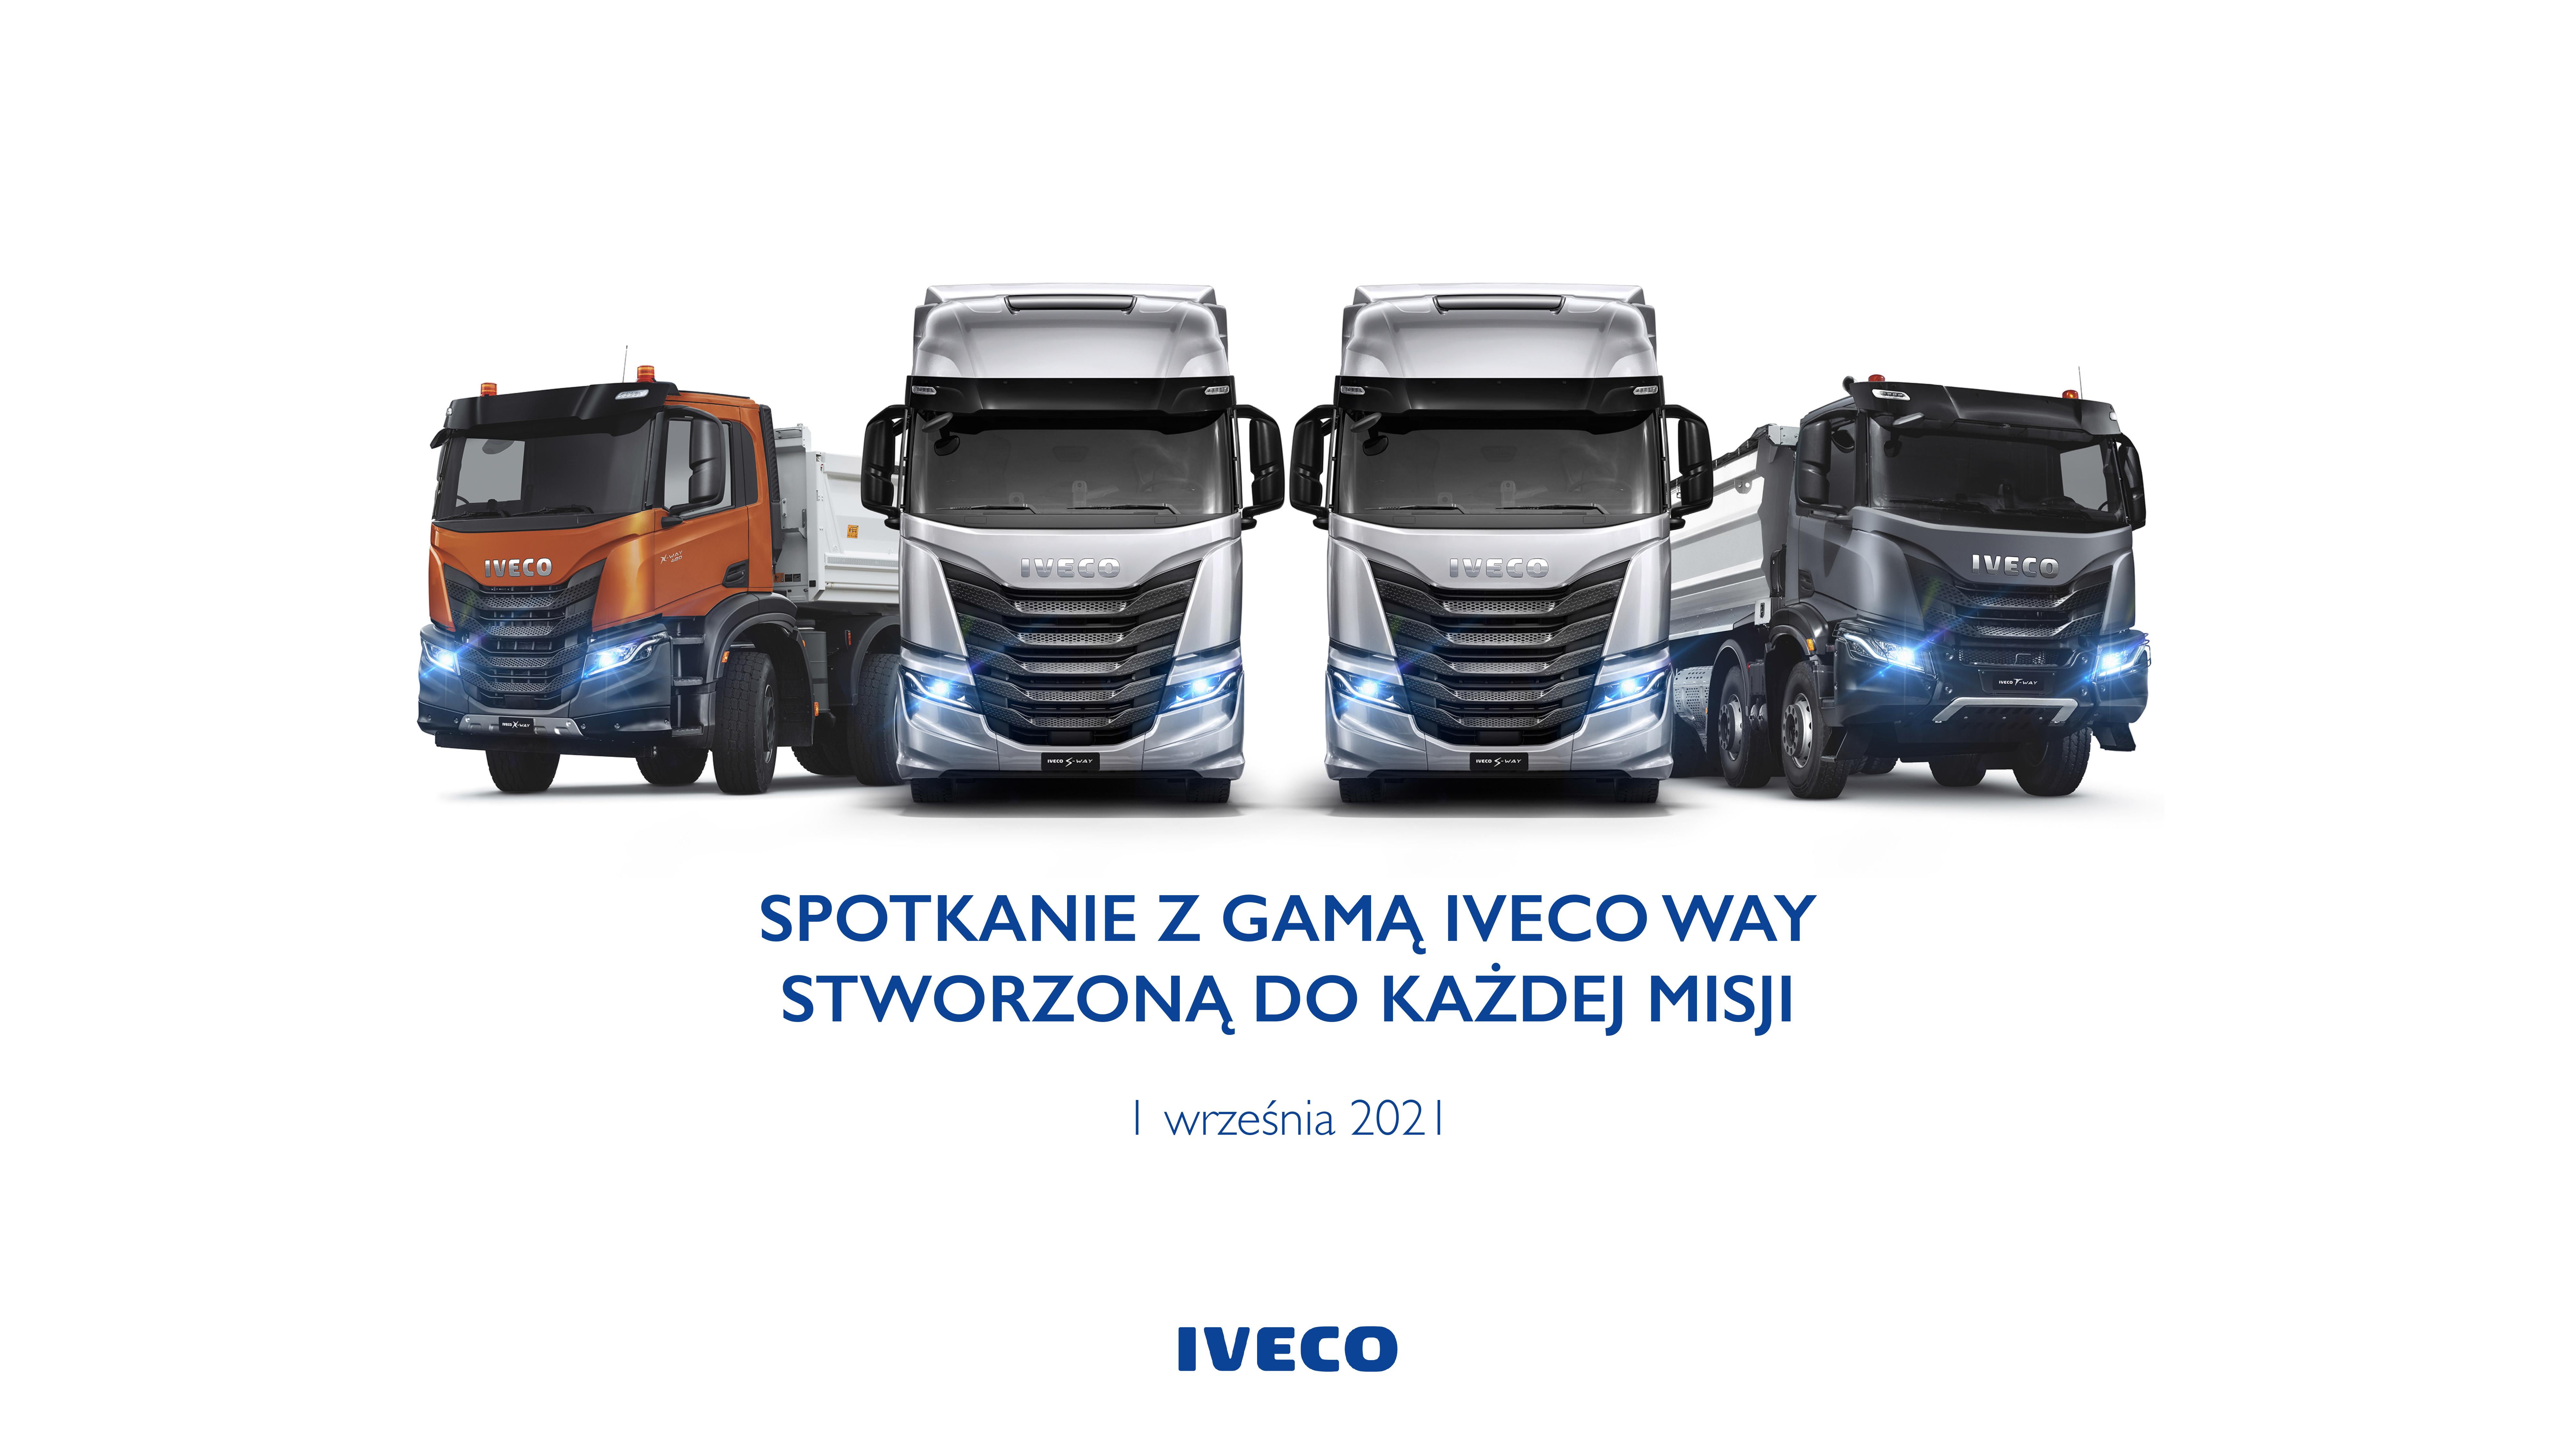 SPOTKANIE Z GAMĄ IVECO WAY, Opalenica, 1-2.09.2021 - informacje praktyczne